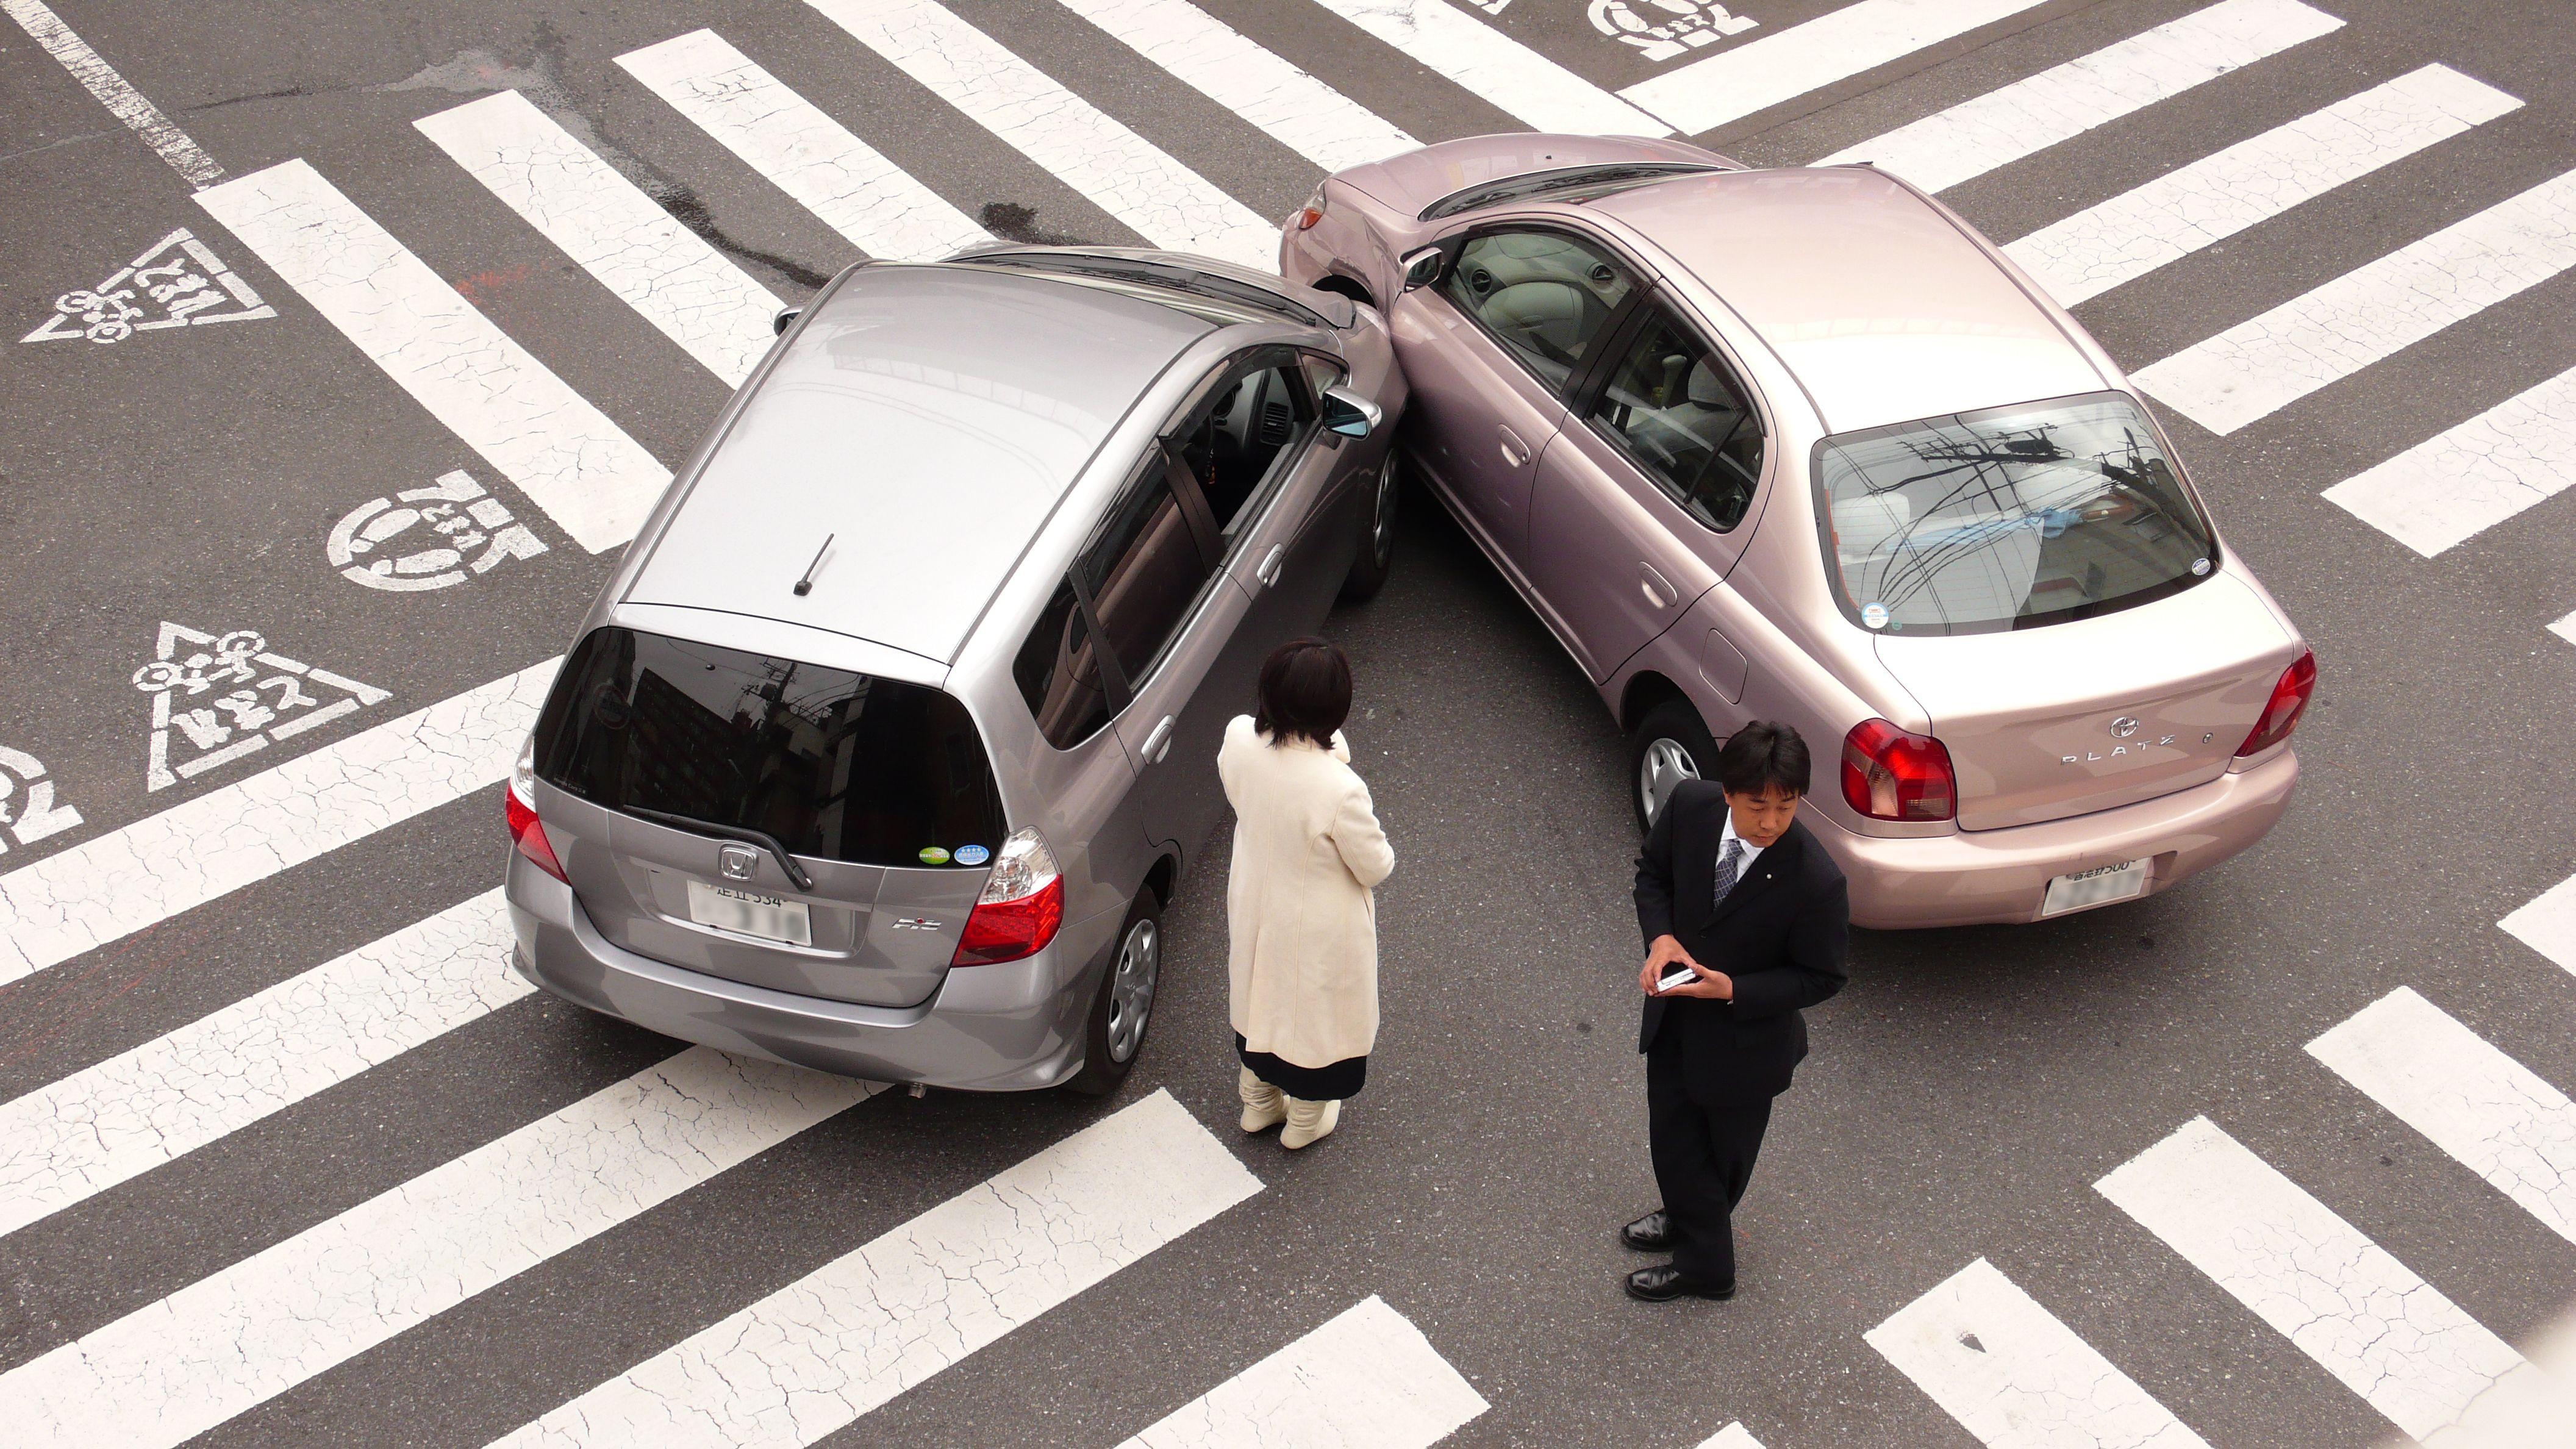 Nuestros Abogados De Lesiones Personales A Samuel P Moeller Representan Clientes Involucrados En A Car Insurance Auto Insurance Companies Cheap Car Insurance